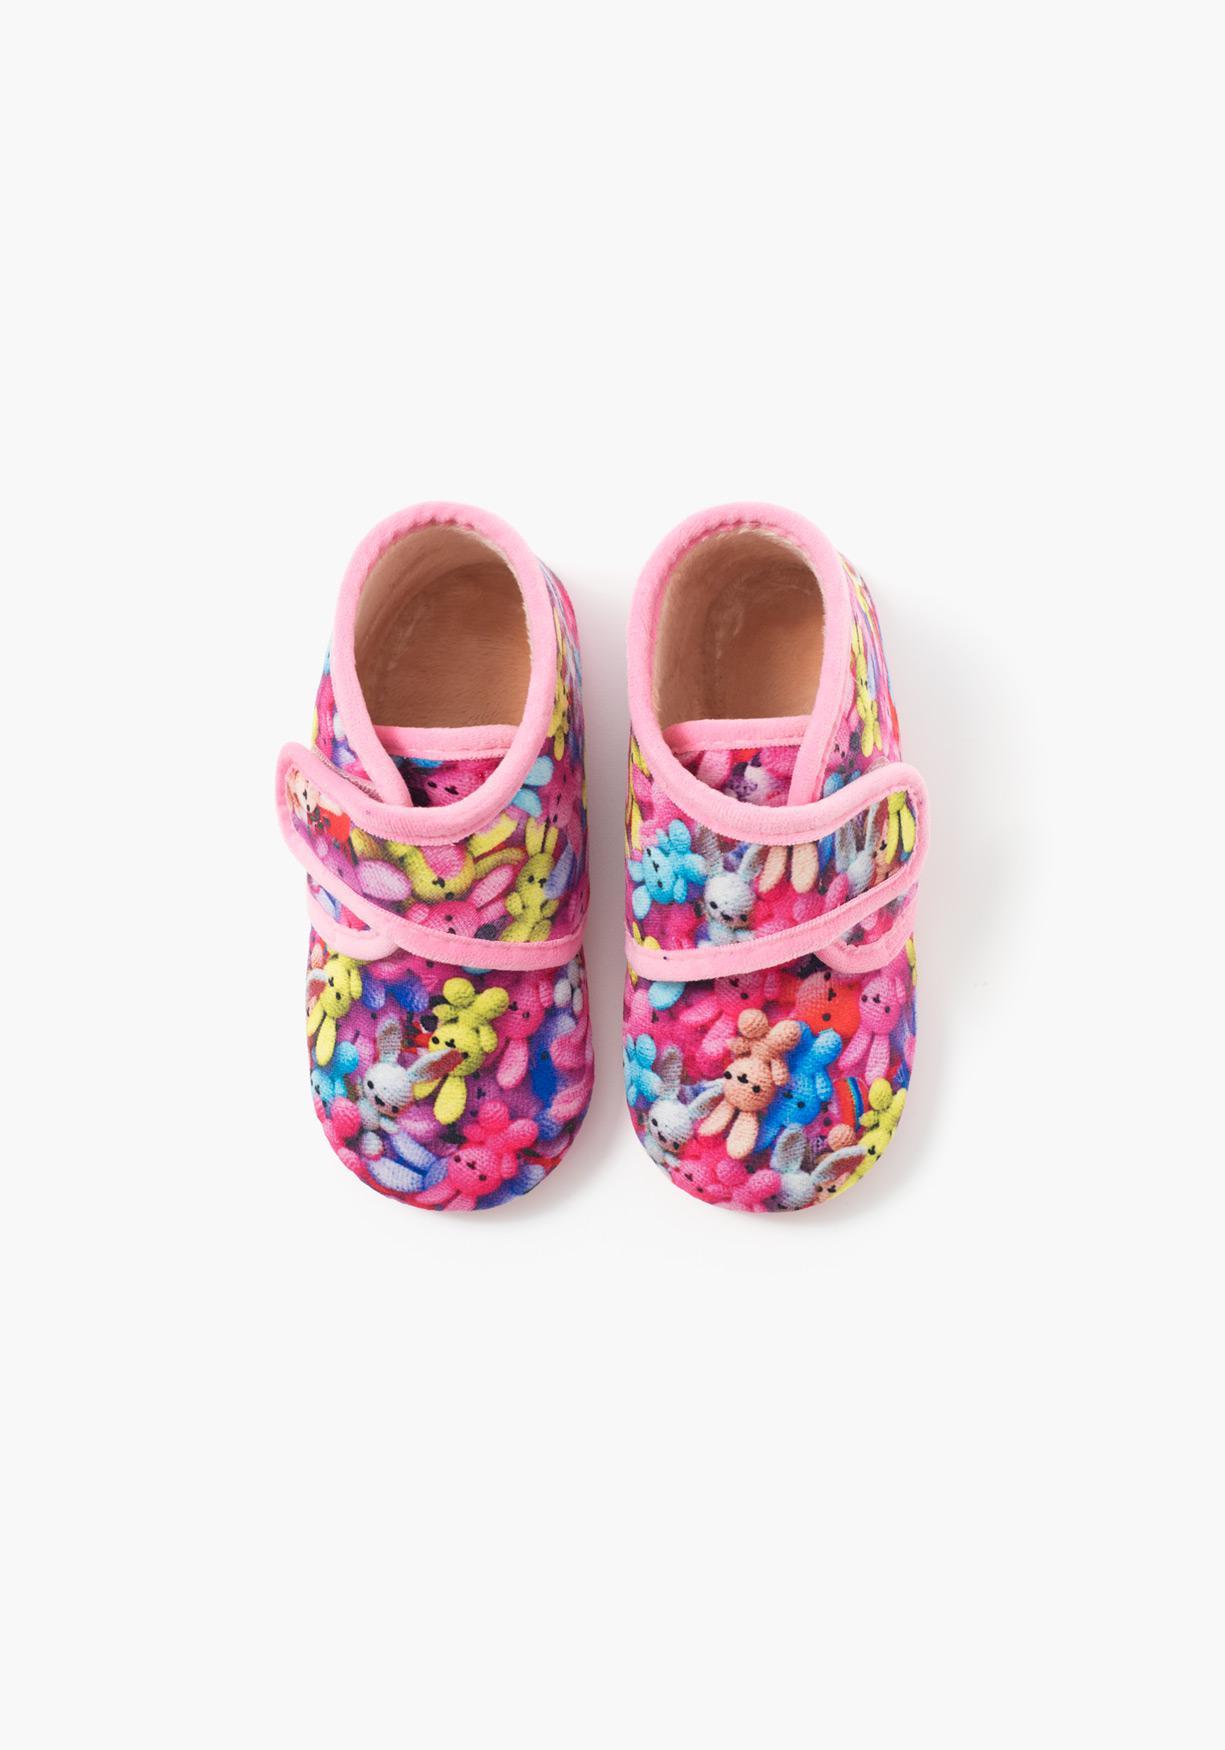 Comprar zapatillas de estar por casa estampadas tex tallas 21 a 30 aprov chate de nuestros - Zapatillas casa nino carrefour ...